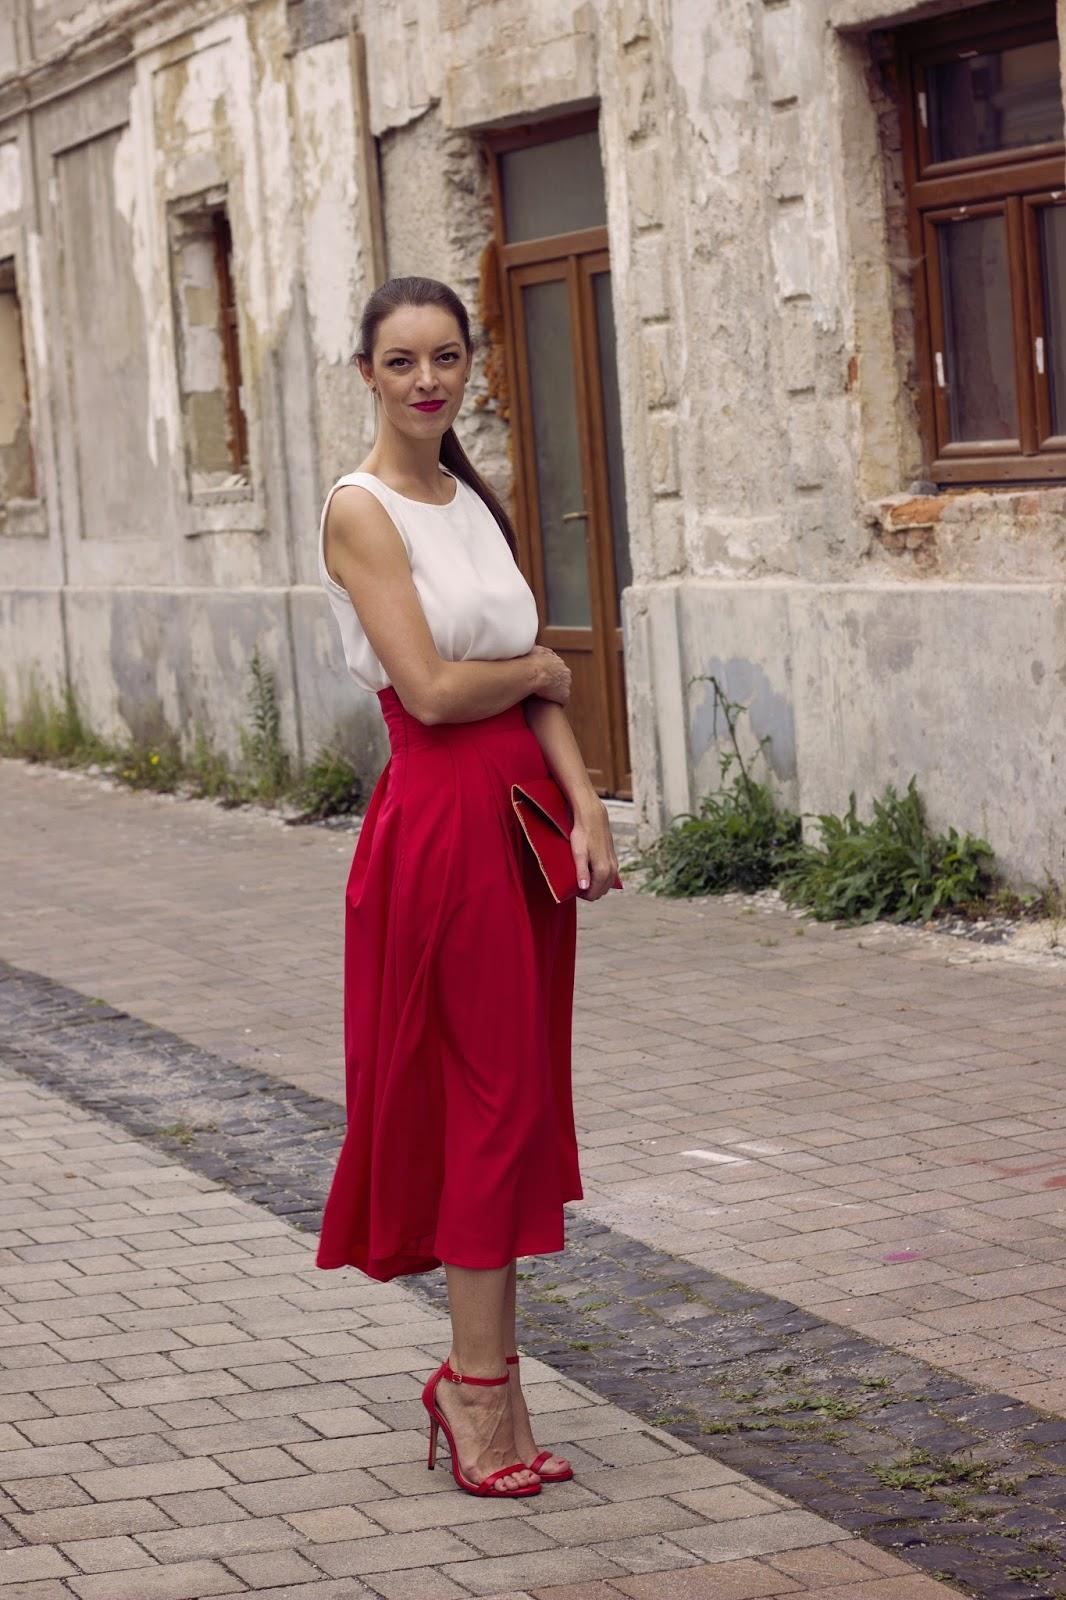 http://www.mademoiselleiva.com/2016/09/high-waist-red-midi-skirt.html